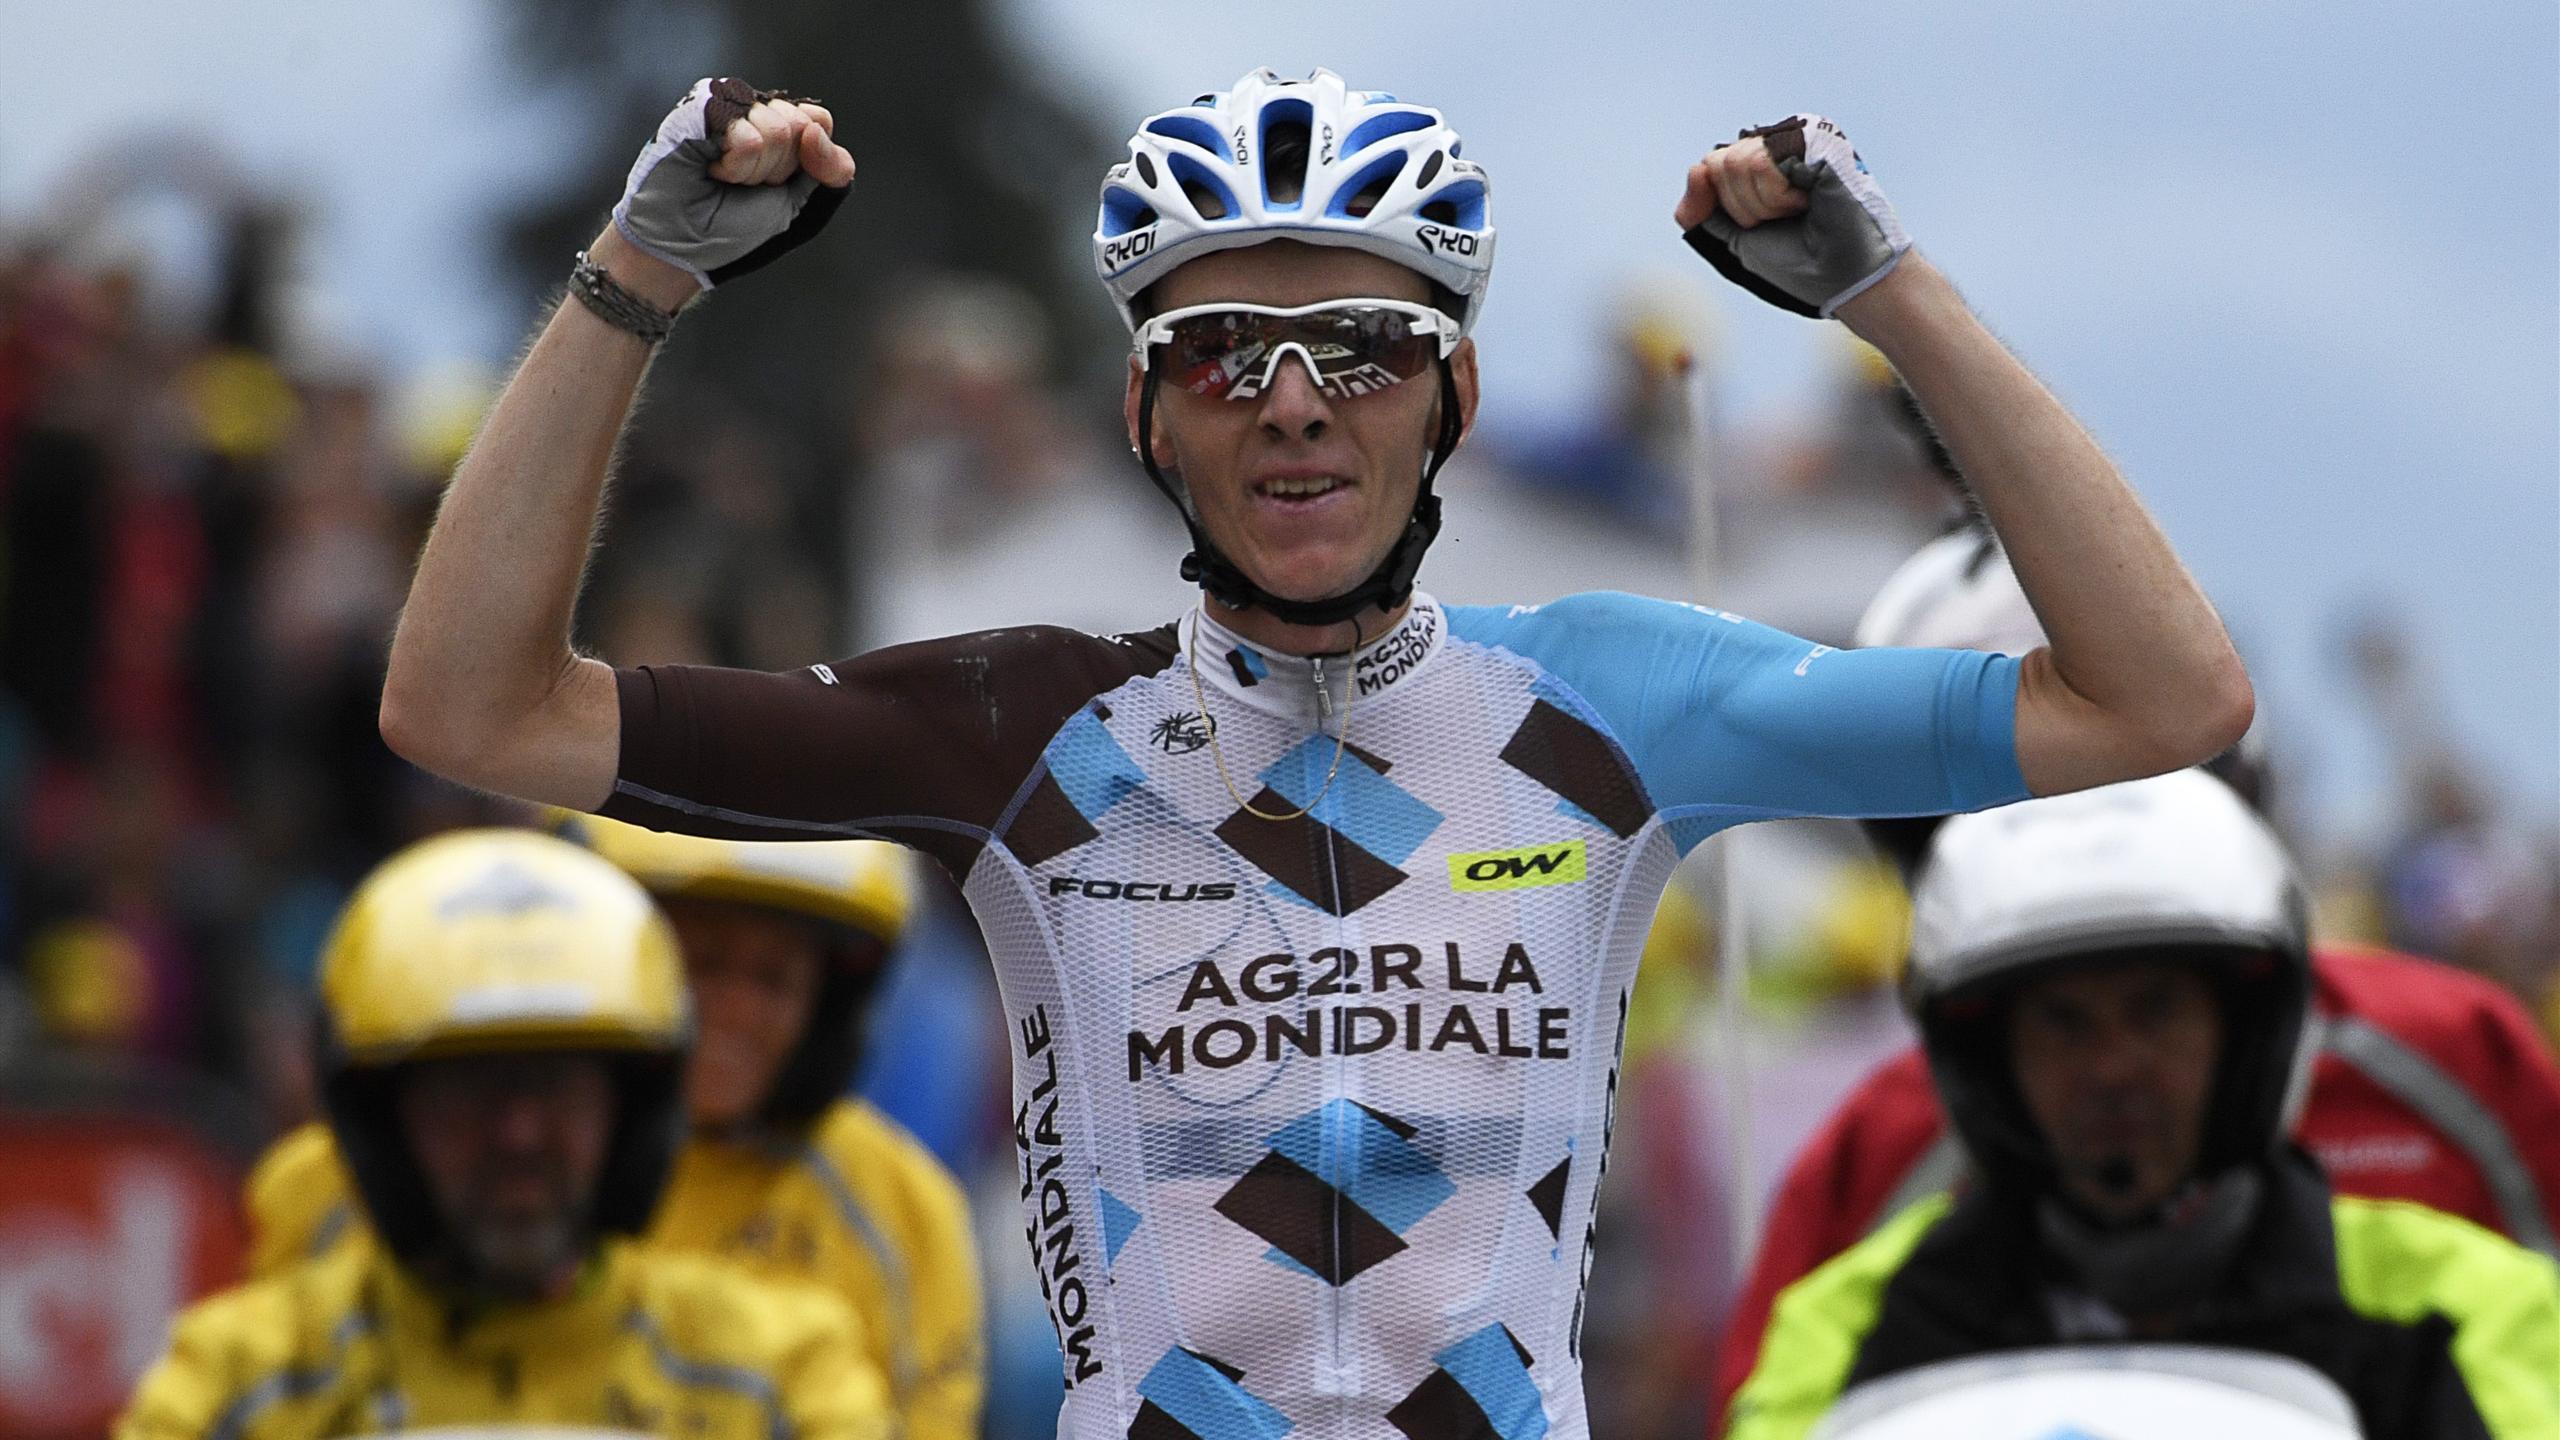 Romain Bardet (AG2R La Mondiale) lors de la 19e étape